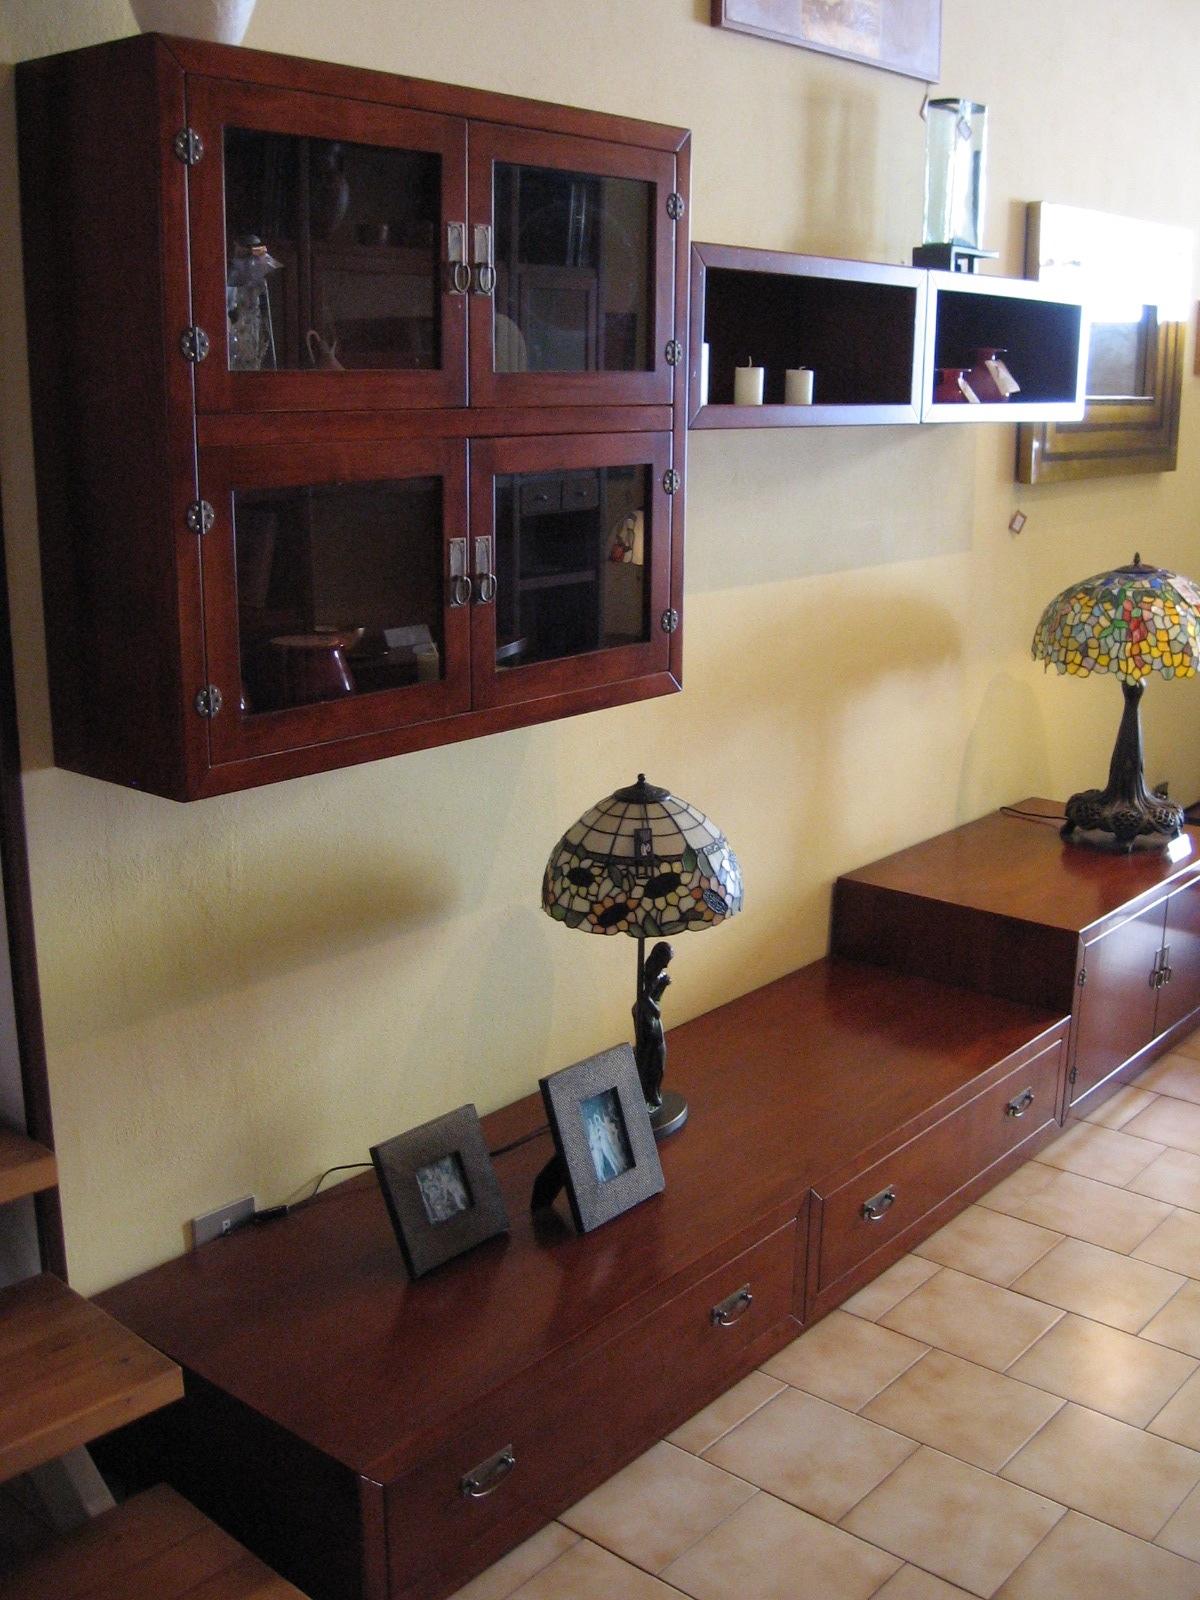 Mobile soggiorno in legno scontato del 50% - Soggiorni a prezzi scontati